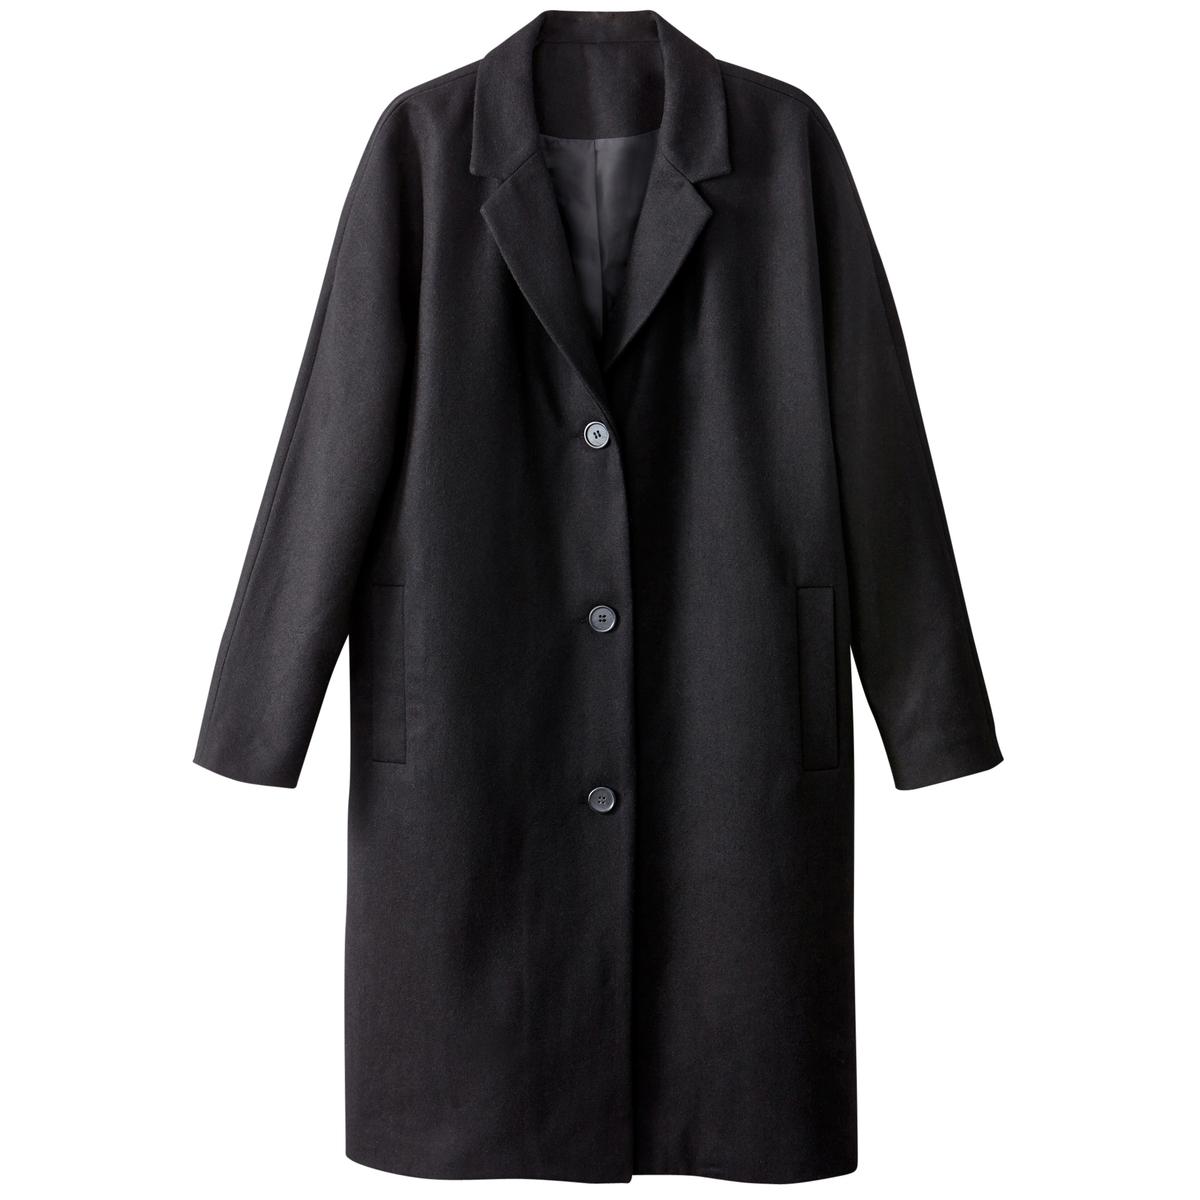 Пальто оверсайз, 40% шерстиЭтой зимой, при наступлении холодов, отличный выбор - это незаменимое удлиненное пальто. Его объемная форма подойдет для любого телосложения .Детали •  Длина : удлиненная модель •   V-образный вырез • Застежка на пуговицыСостав и уход •  40% шерсти, 7% акрила, 3% других волокон, 5% полиамида • Не стирать •  Деликатная чистка/без отбеливателей •  Не использовать барабанную сушку   •  Не гладить •  Длина : 104 см<br><br>Цвет: черный<br>Размер: 46 (FR) - 52 (RUS).44 (FR) - 50 (RUS).42 (FR) - 48 (RUS).38 (FR) - 44 (RUS).52 (FR) - 58 (RUS).50 (FR) - 56 (RUS).40 (FR) - 46 (RUS)